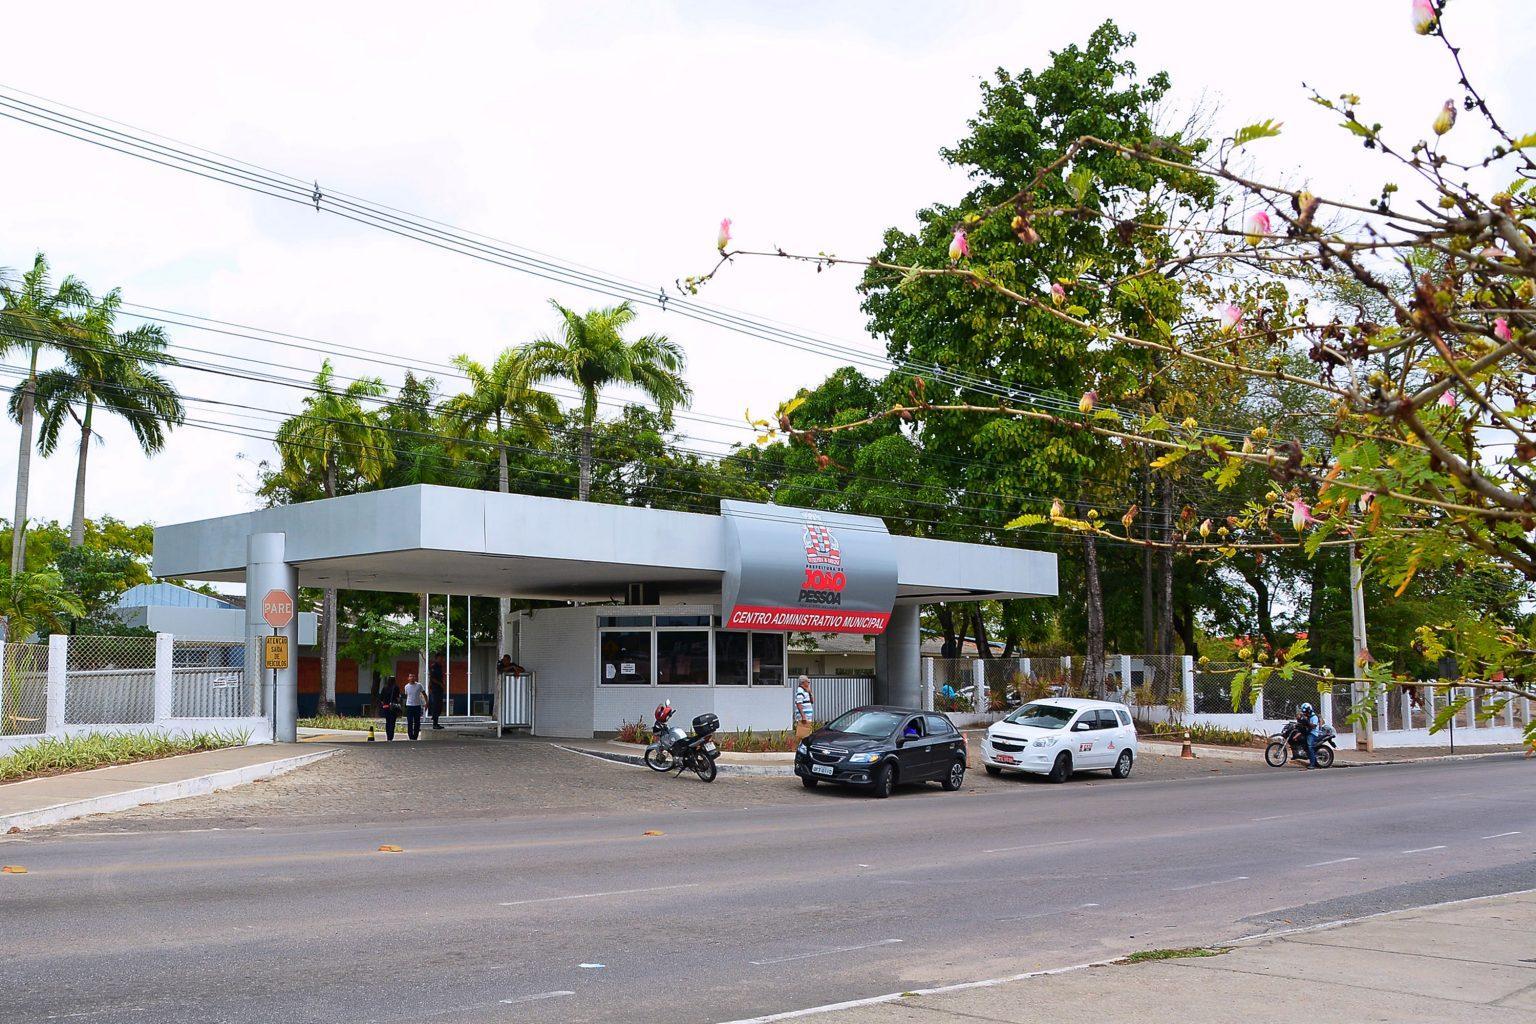 centro administrativo - CARAS NOVAS: confira um comparativo do secretariado de Luciano Cartaxo e Cícero Lucena em JP